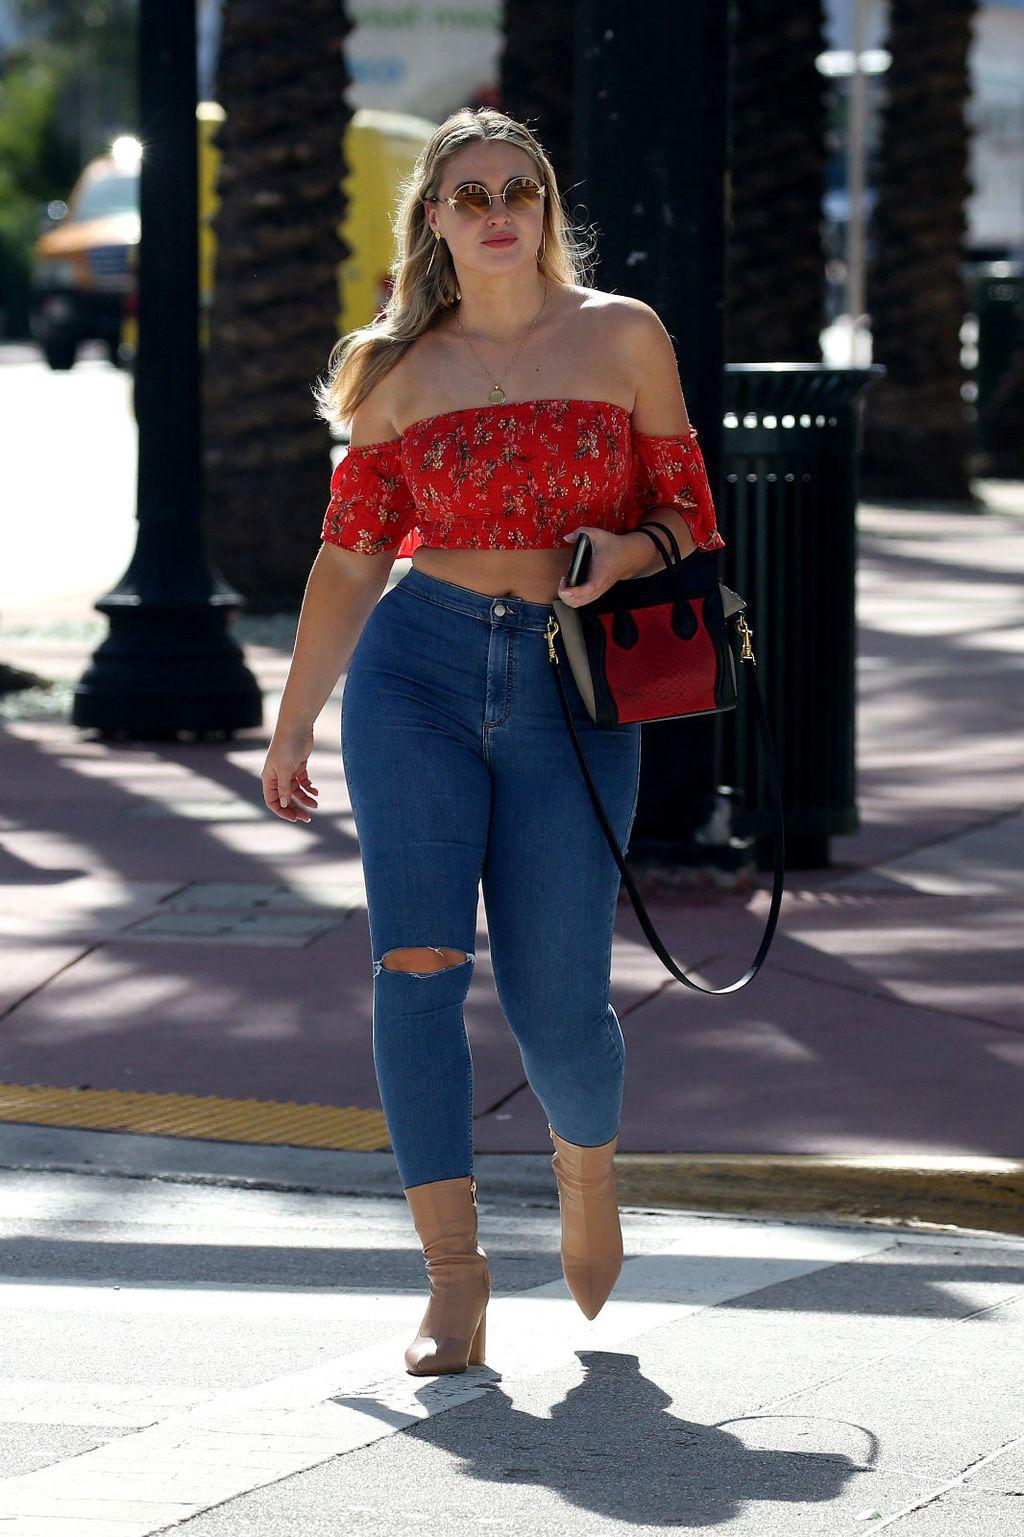 Poznate žene u skinny trapericama - 2